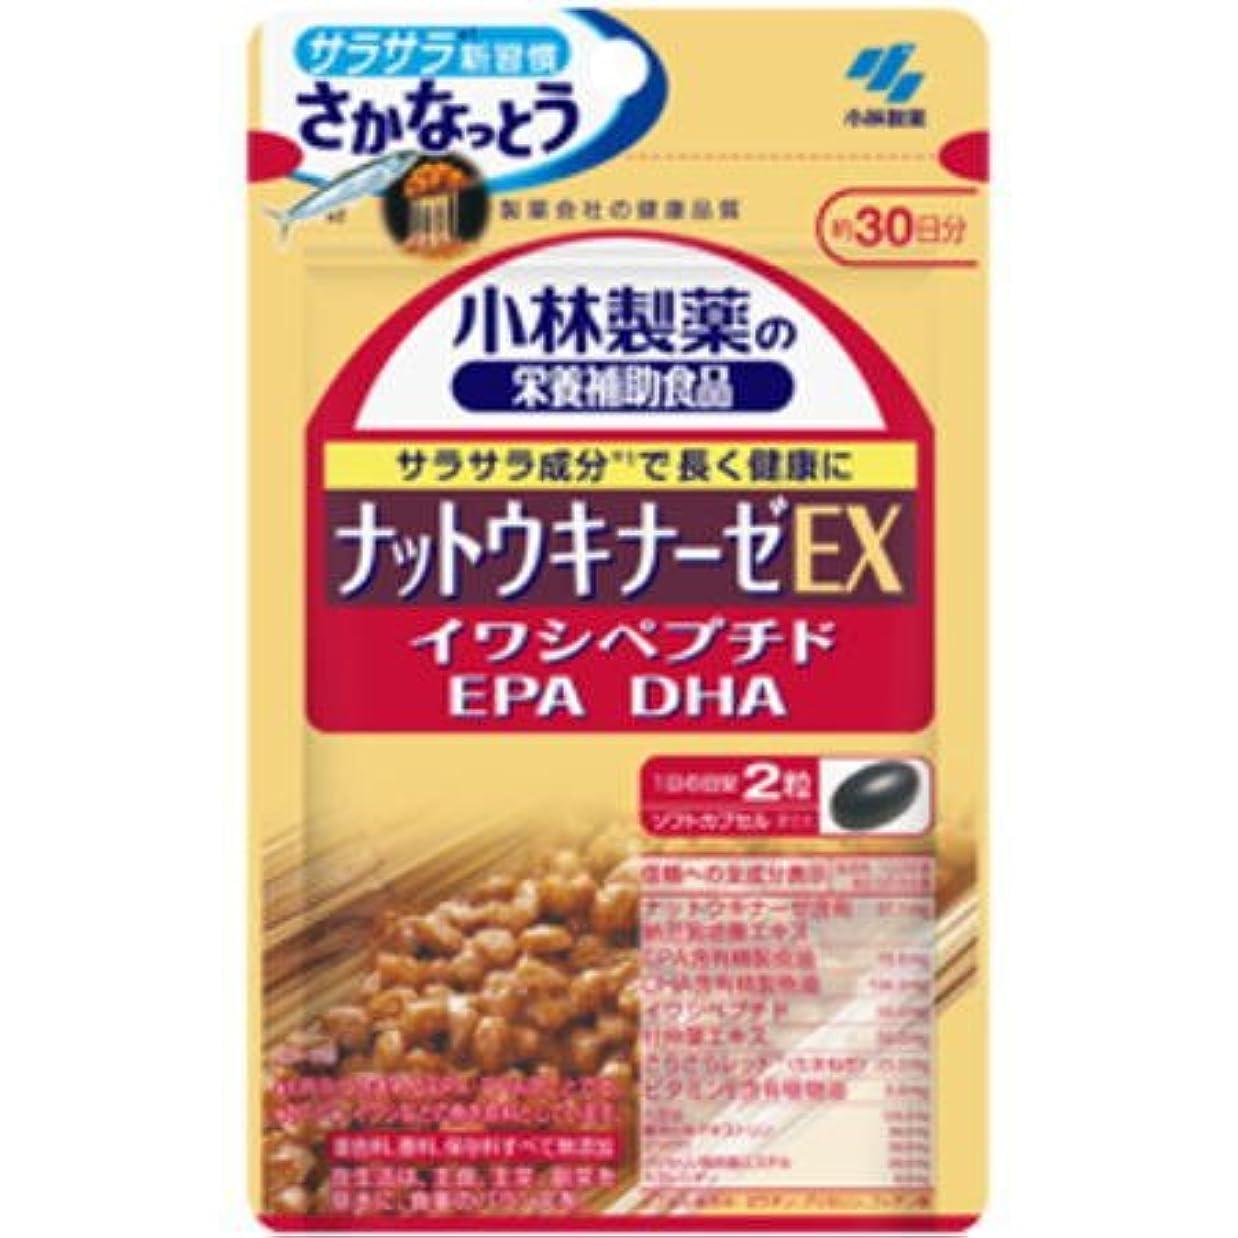 周り繰り返す下に小林製薬 ナットウキナーゼ EX 60粒【ネコポス発送】